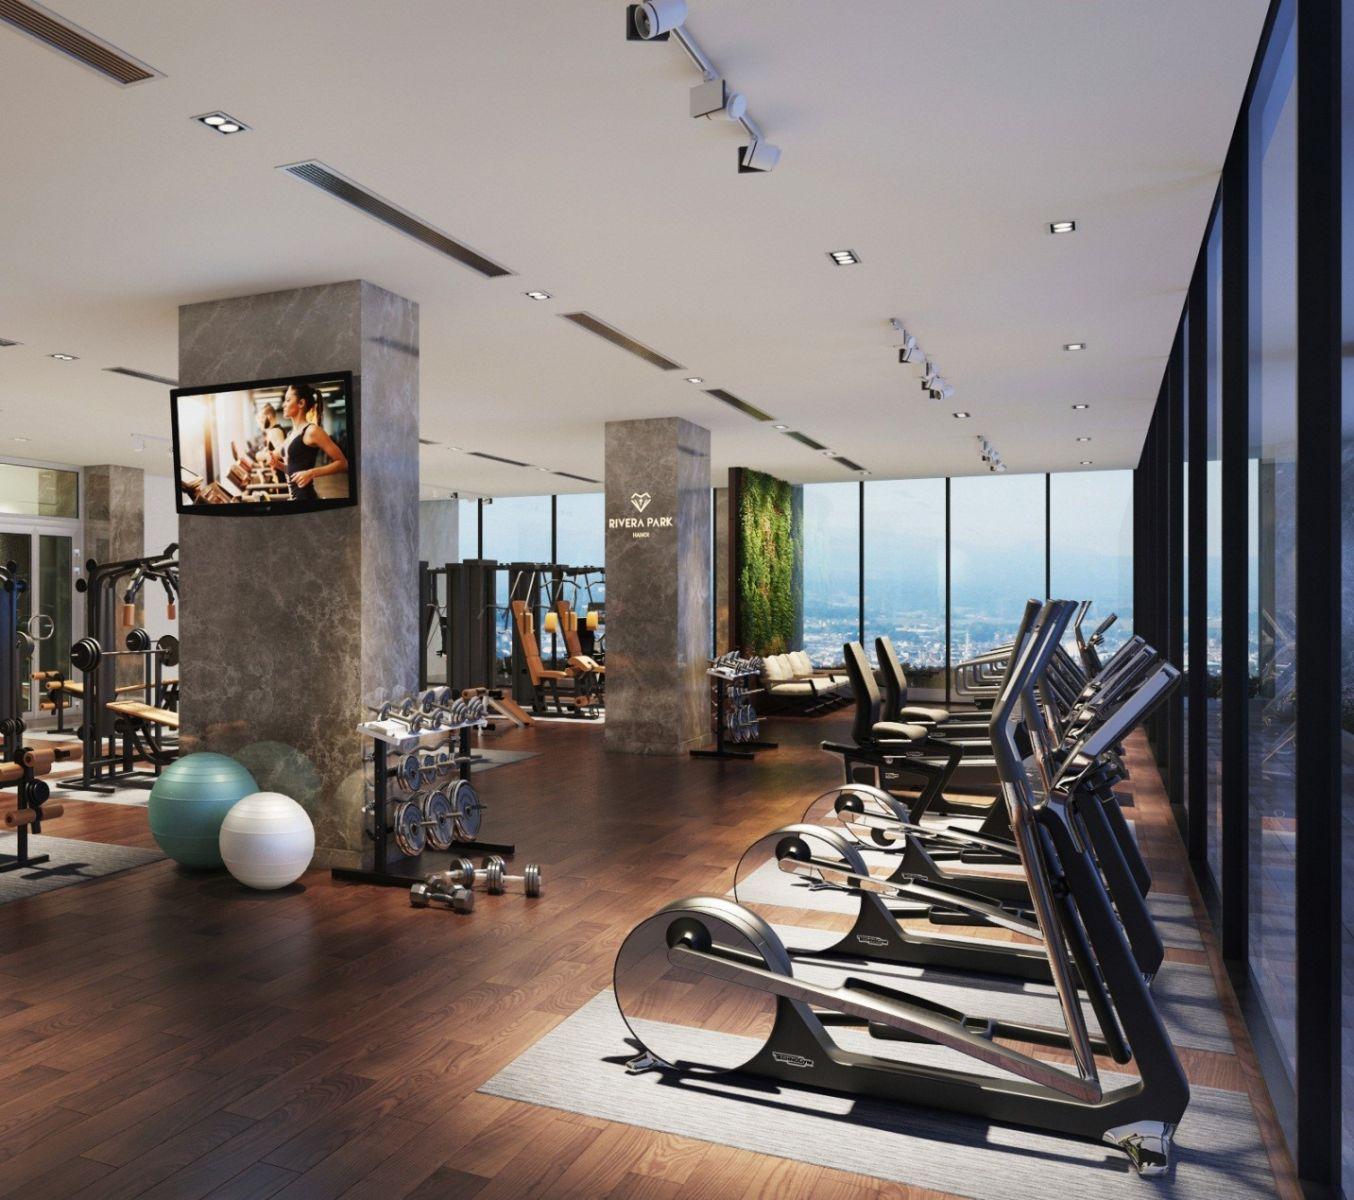 phòng tập gym dự án Rivera Park Hanoi